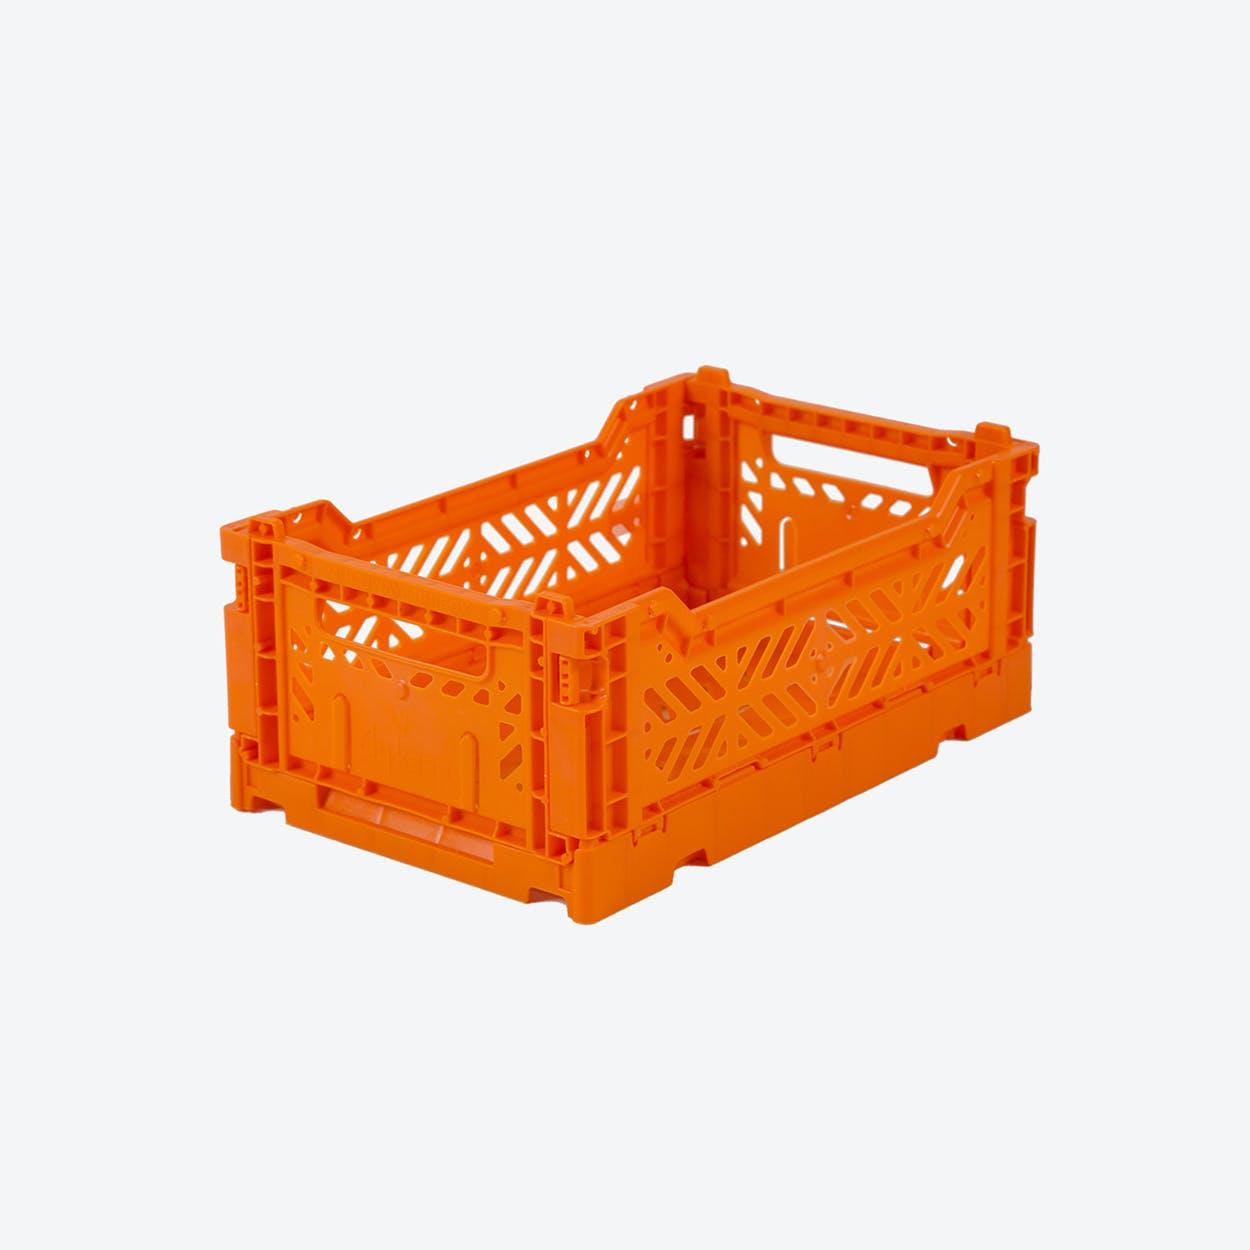 Mini in Orange